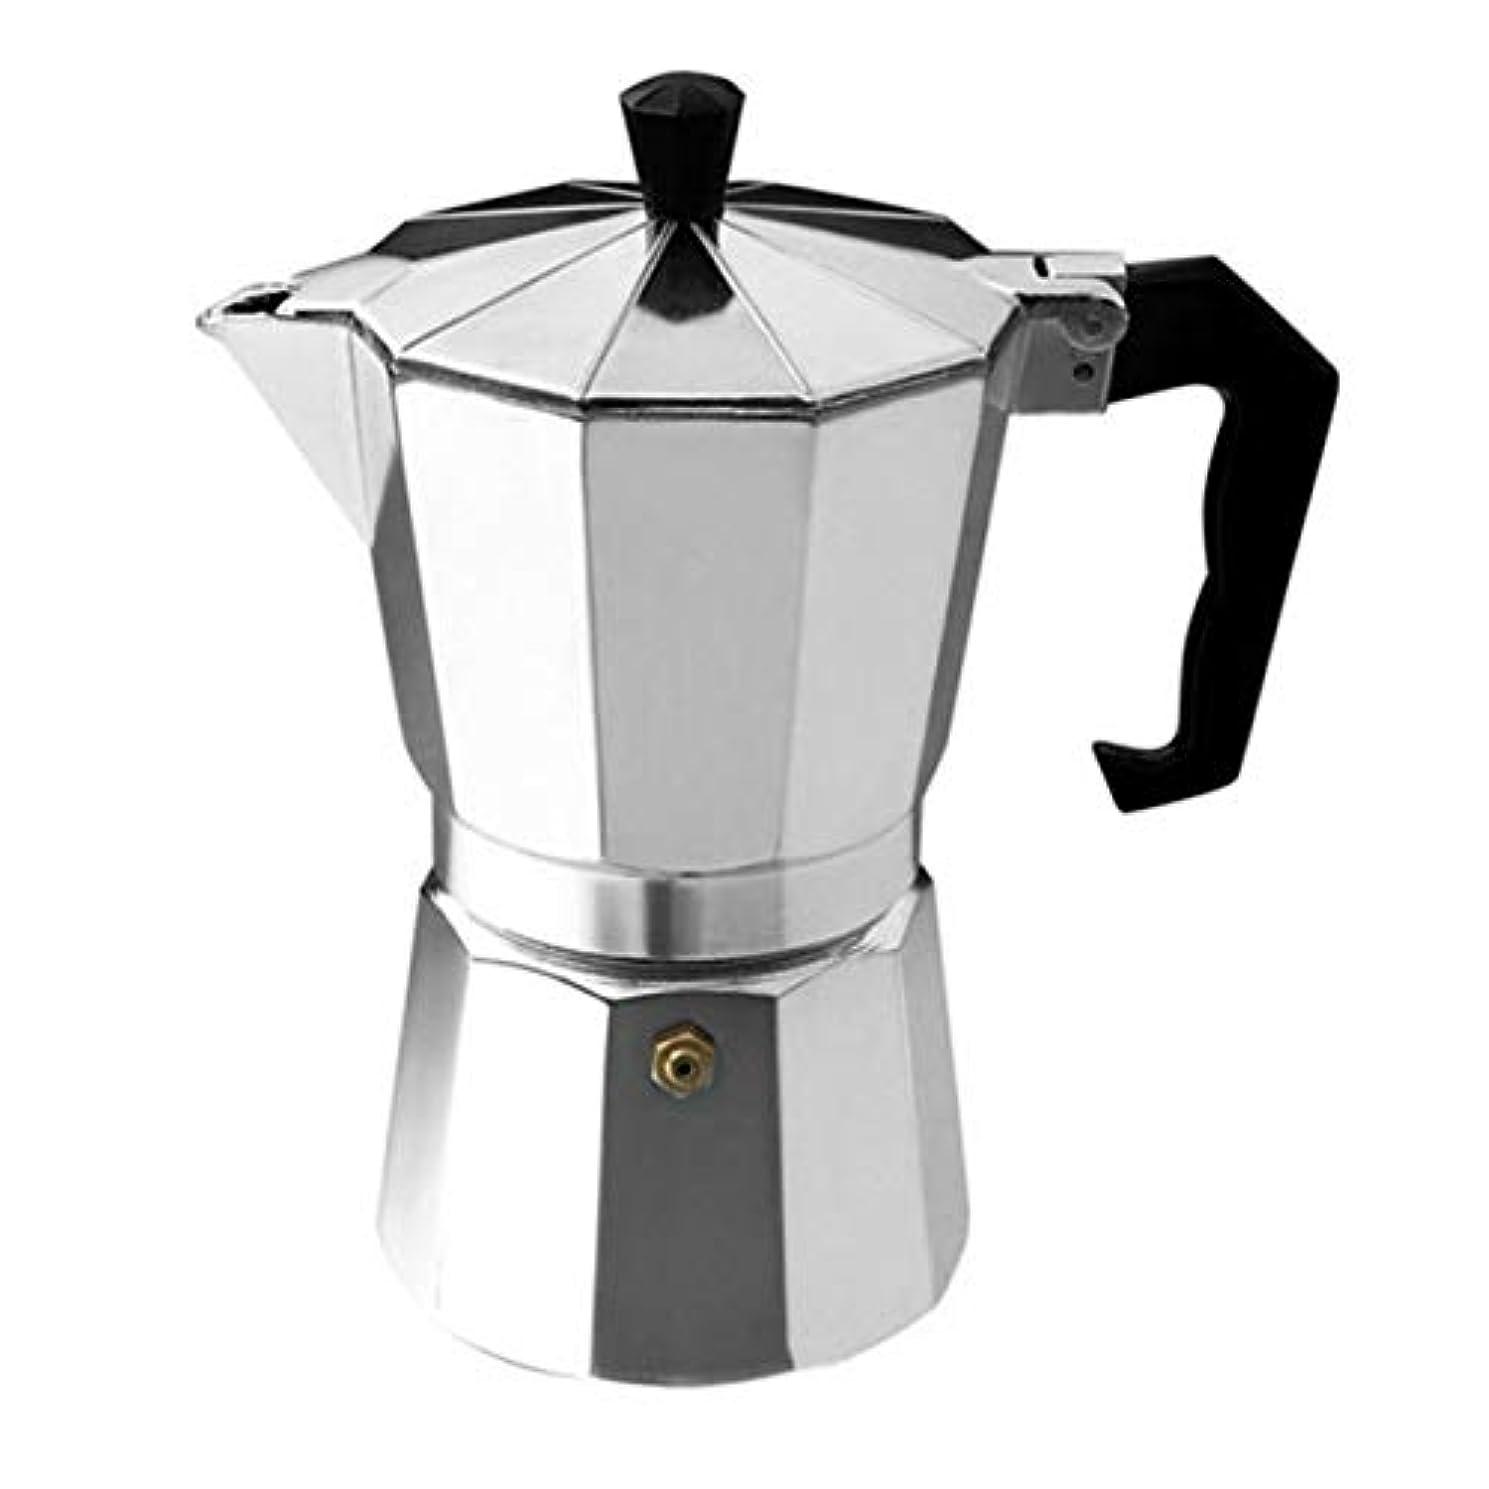 ウルルウルル補助金Saikogoods アルミ8アングル真岡ポットエスプレッソストーブトップのコーヒーメーカーモカエスプレッソカップコンチネンタル真岡パーコレーターポット3cup / 6cup 銀色の 6カップ